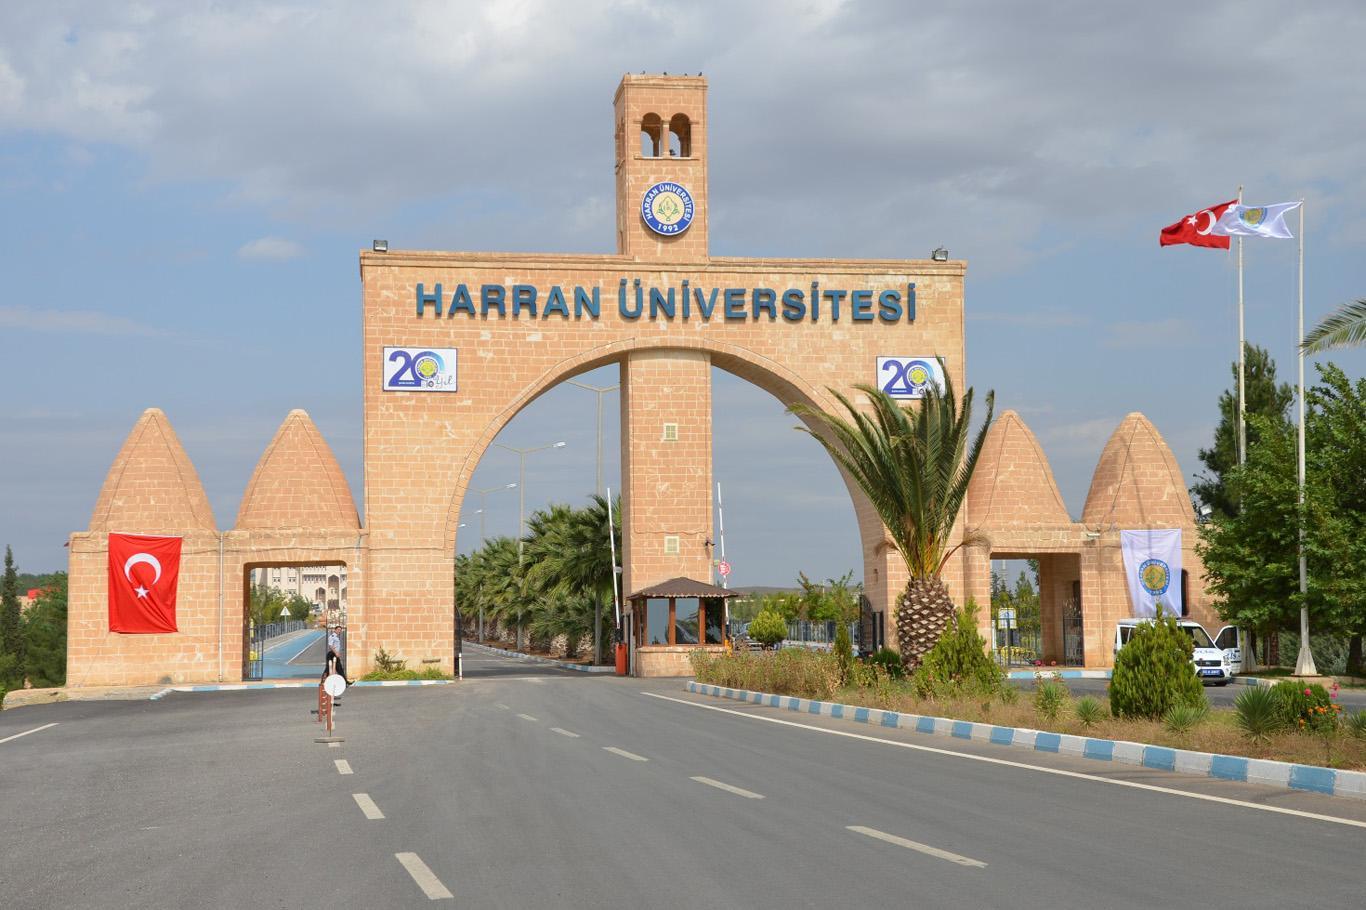 Harran Üniversitesinde bir ilk! HARÜKAM yönetmeliği yayınlandı